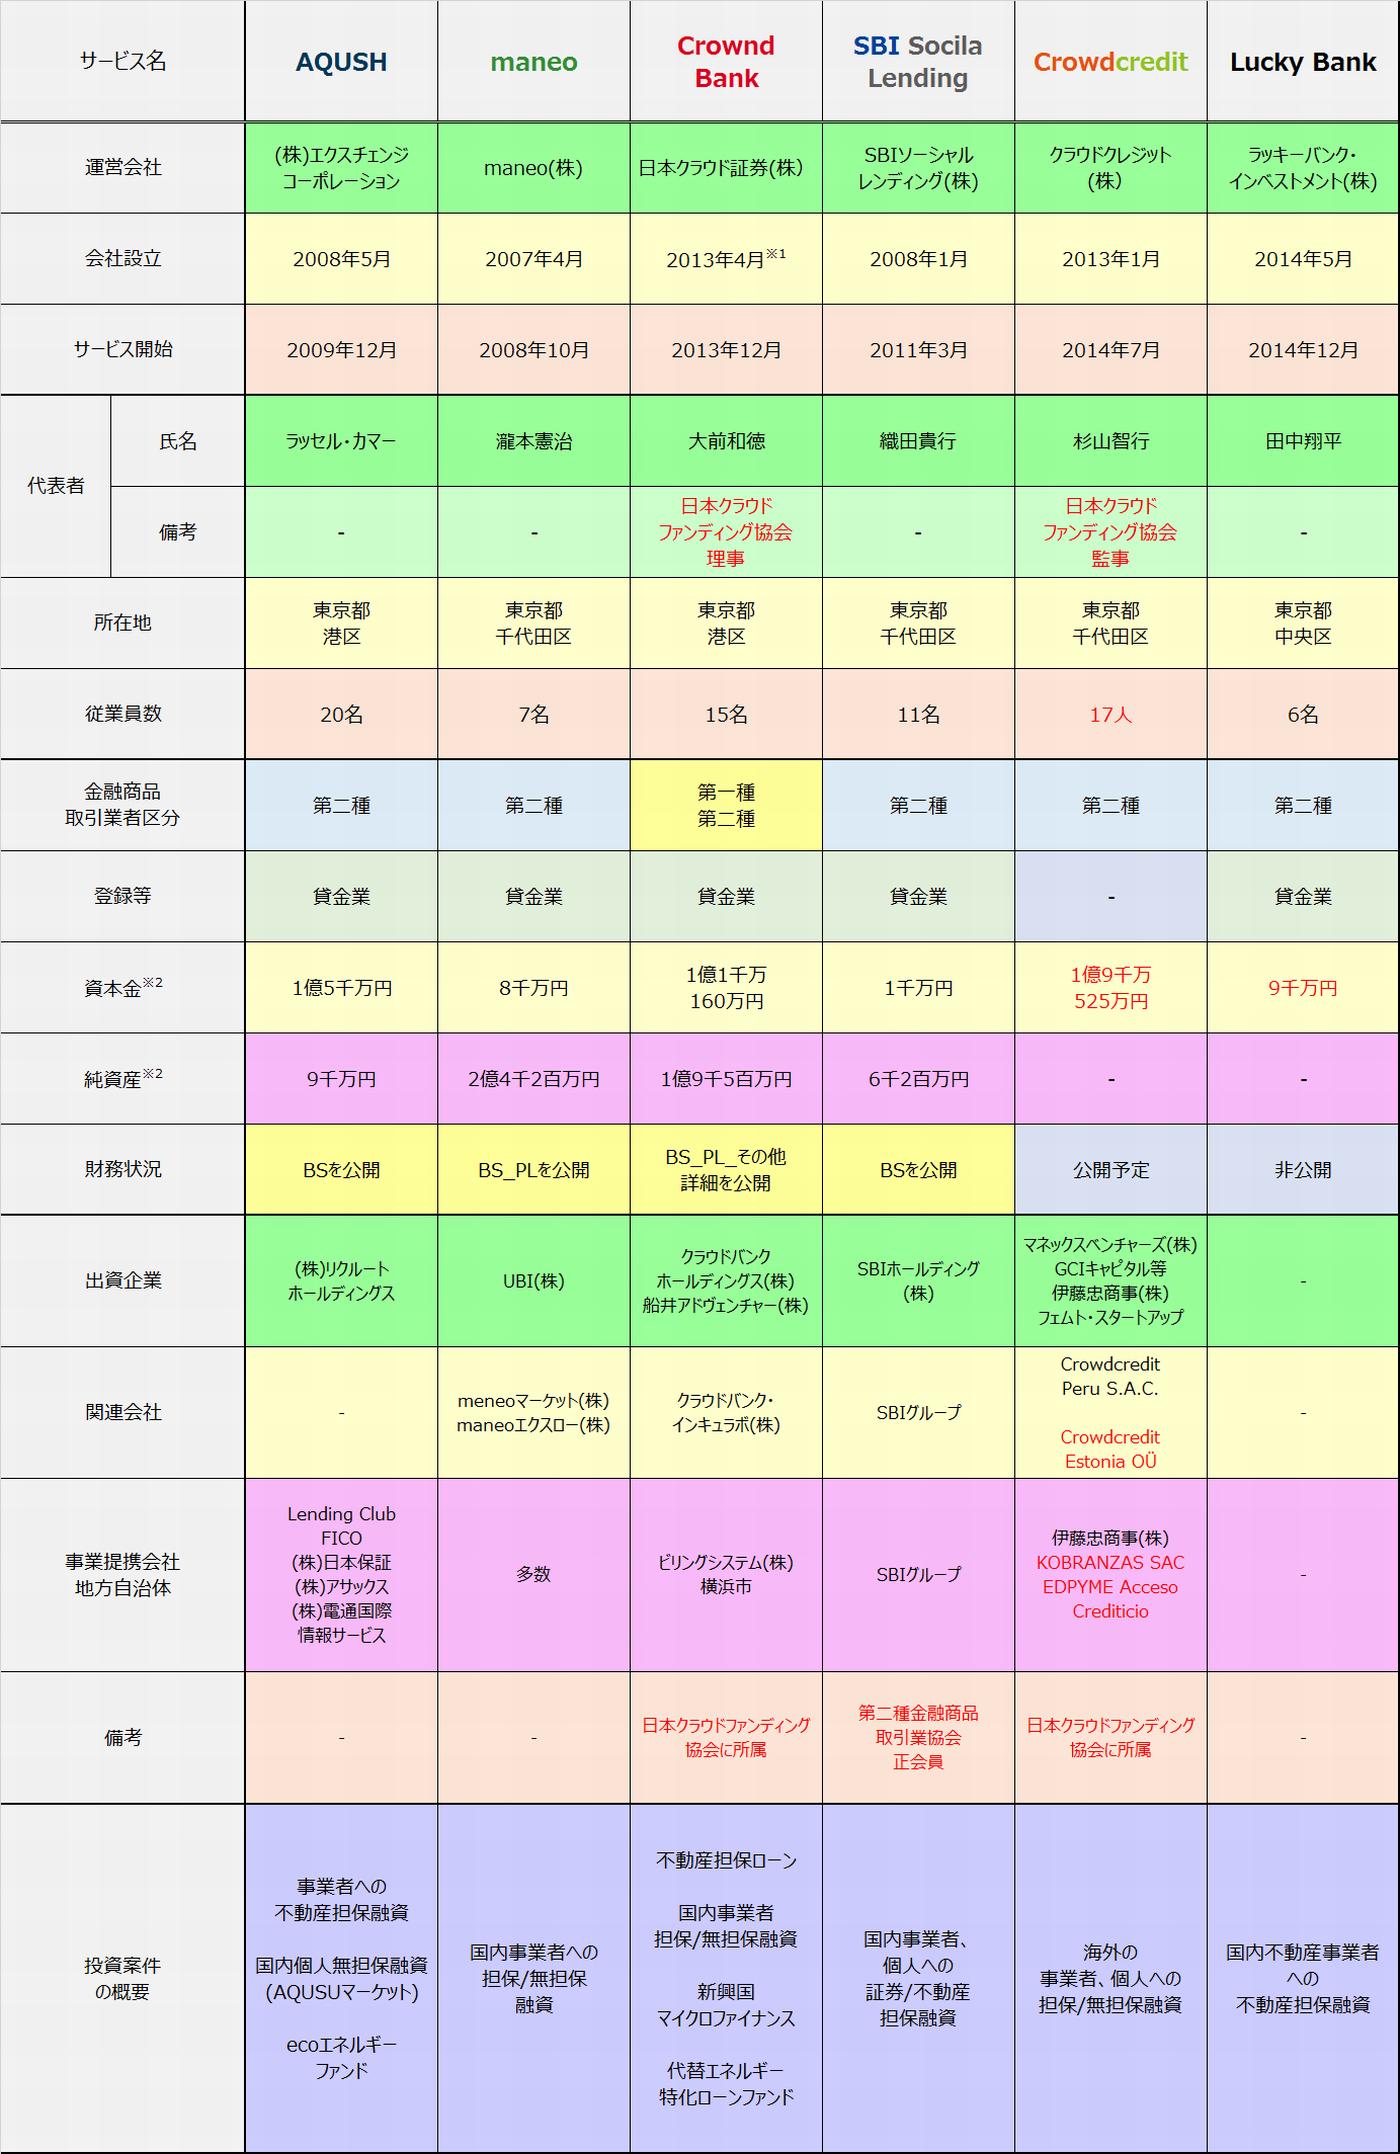 2015年5月時点ソーシャルレンディングサービス提供各社比較